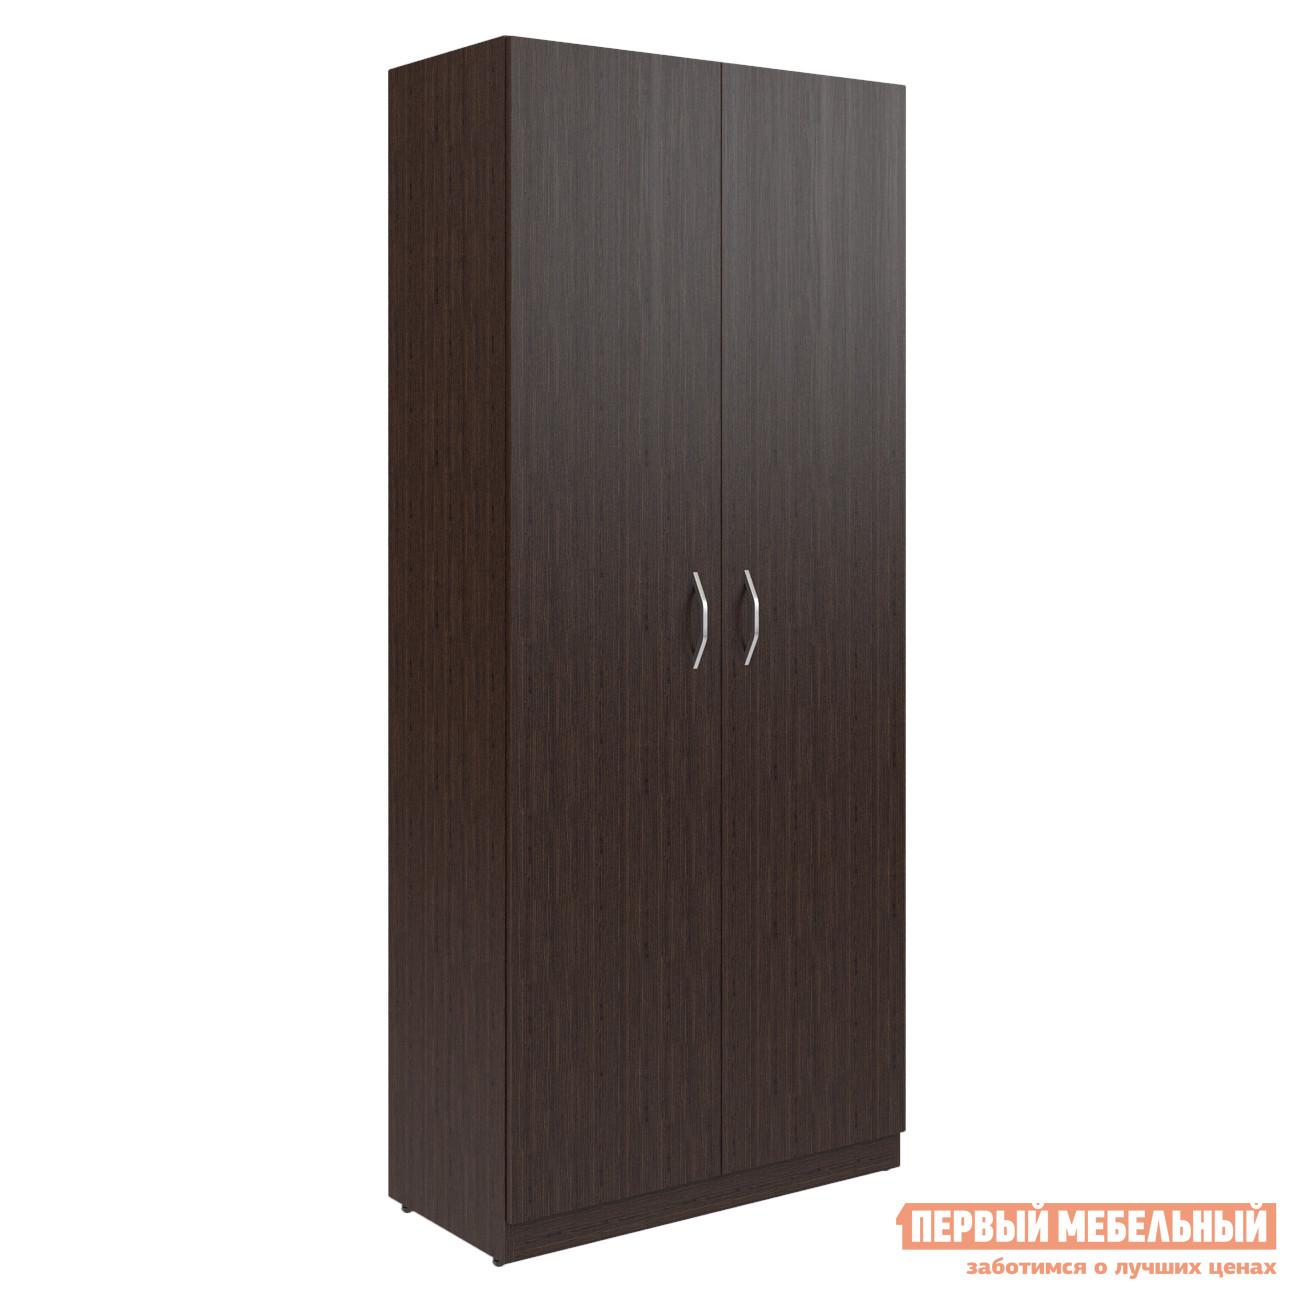 Шкаф распашной Тайпит SR-G.1 дверь тайпит tmd 42 1